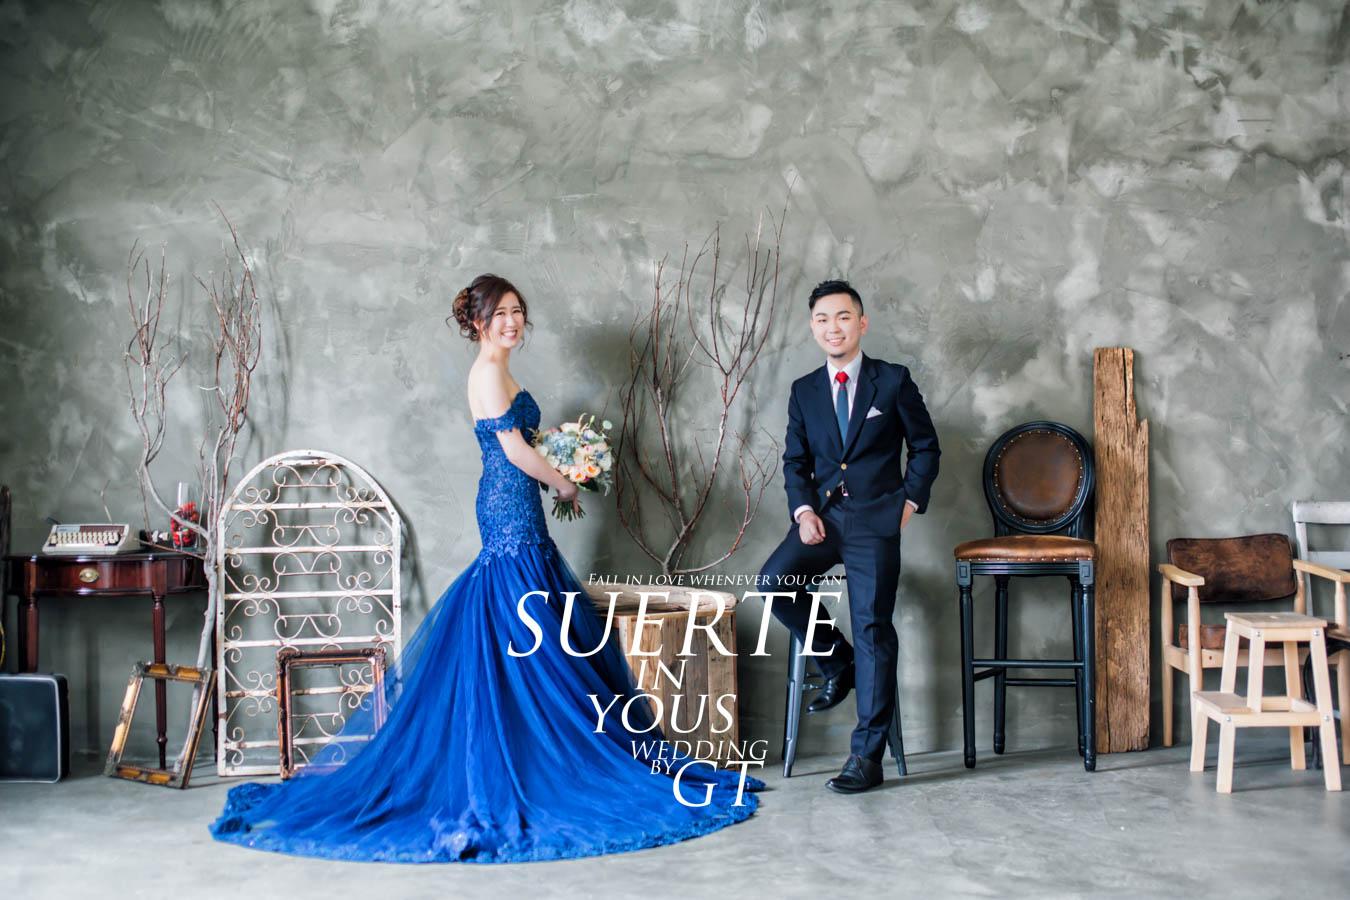 自助婚紗 | 一正+宜庭  PREWEDDING GT拍攝 |國內婚紗|台中婚紗